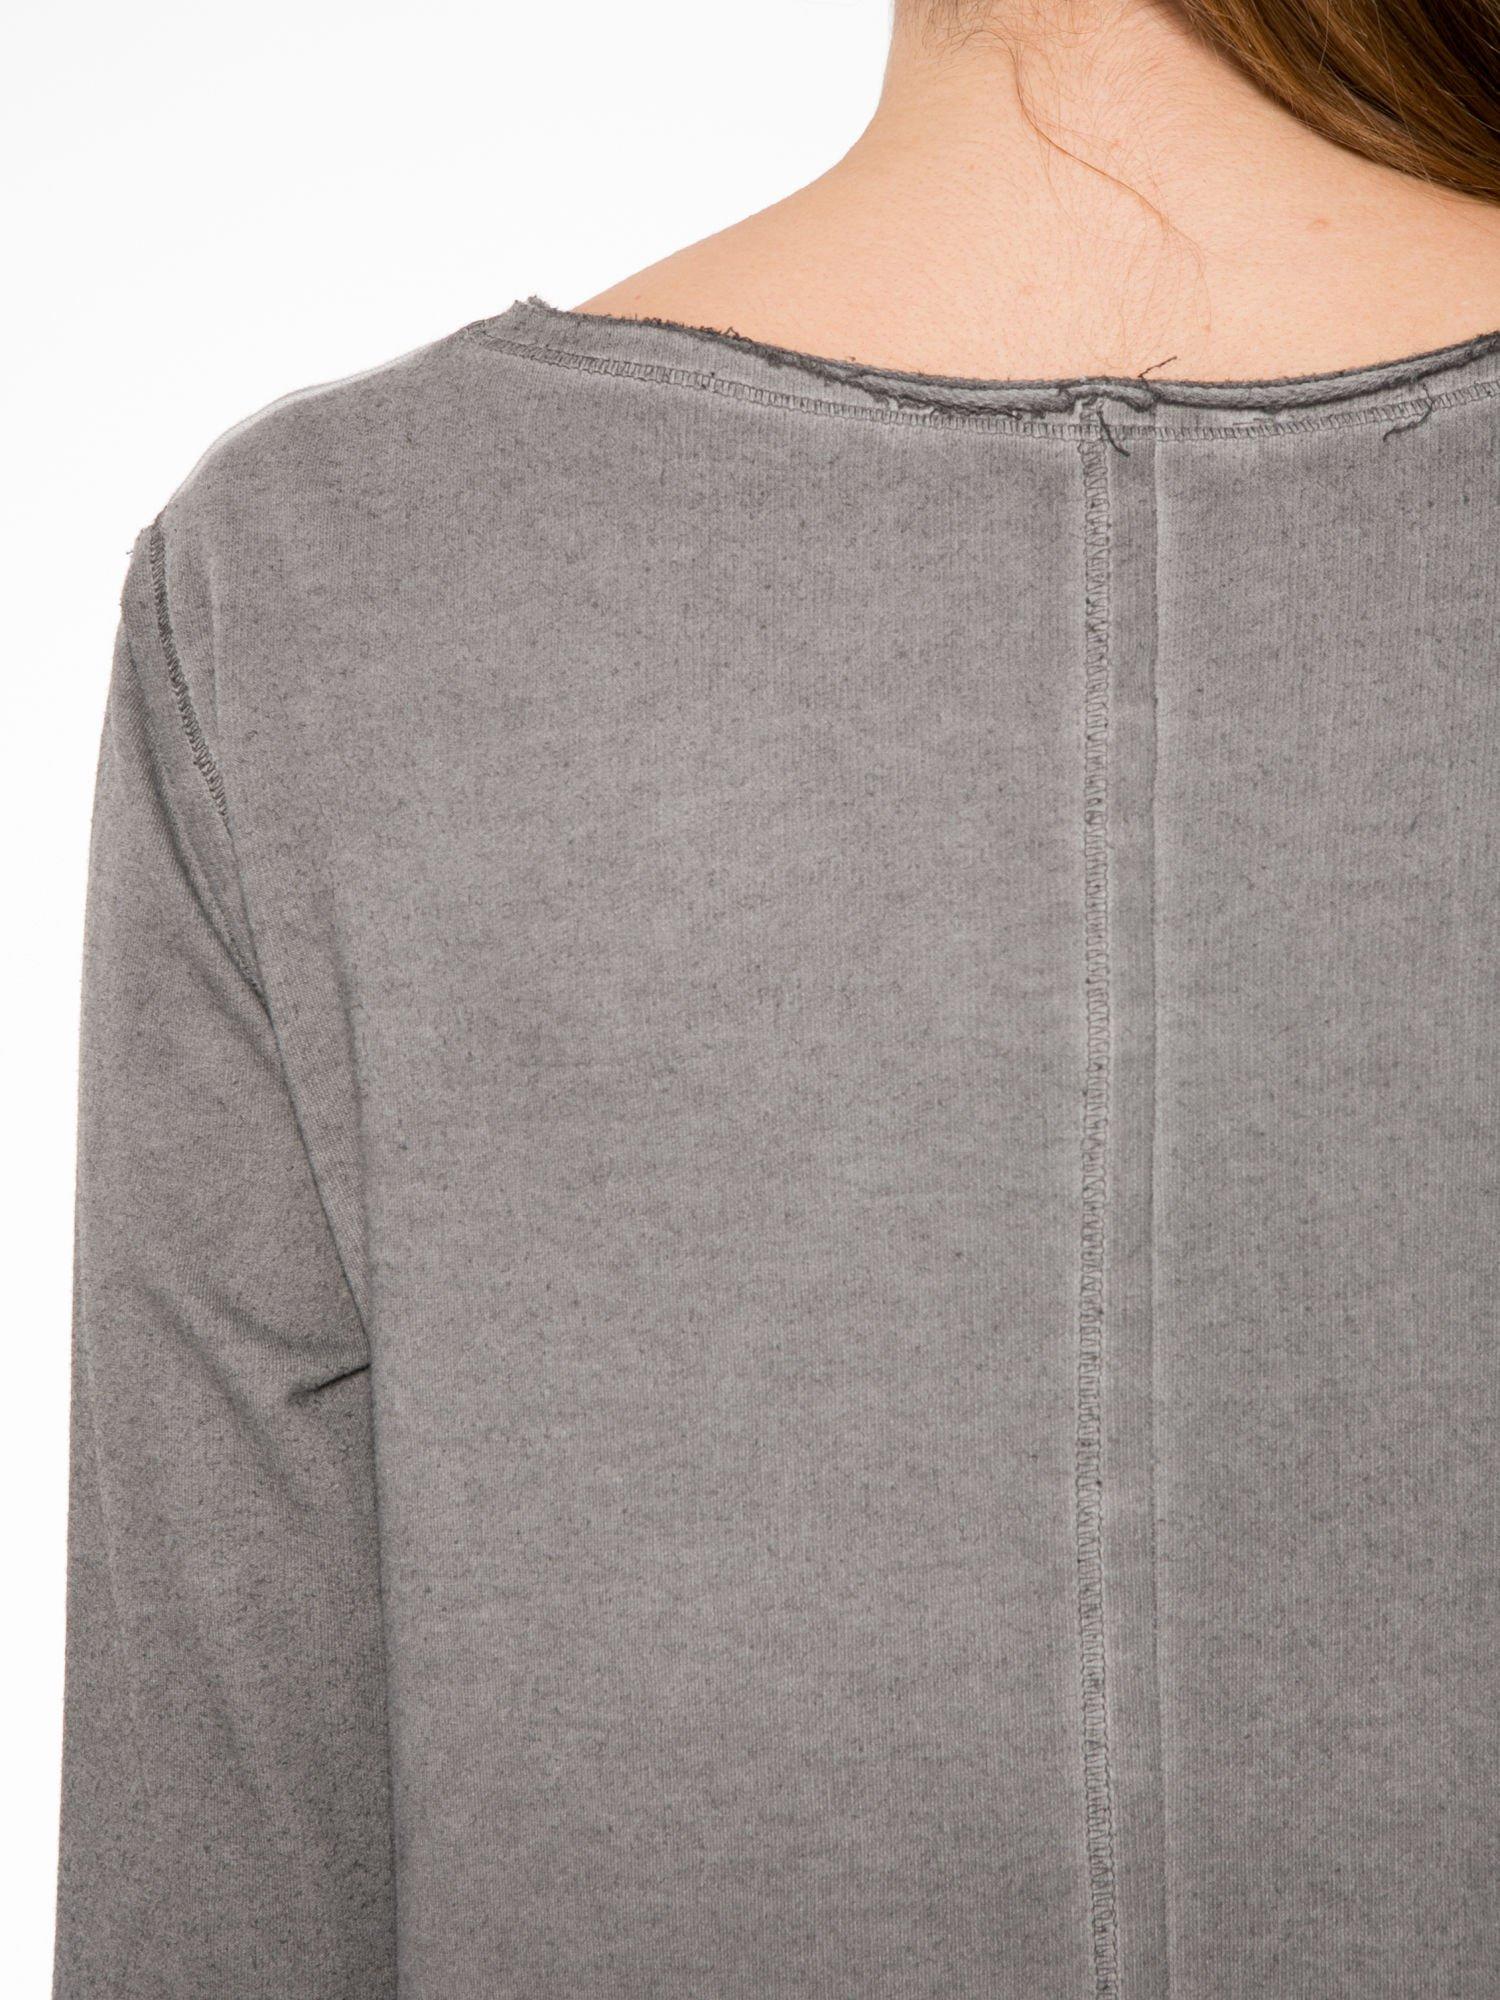 Szara bluza z surowym wykończeniem i widocznymi szwami                                  zdj.                                  8